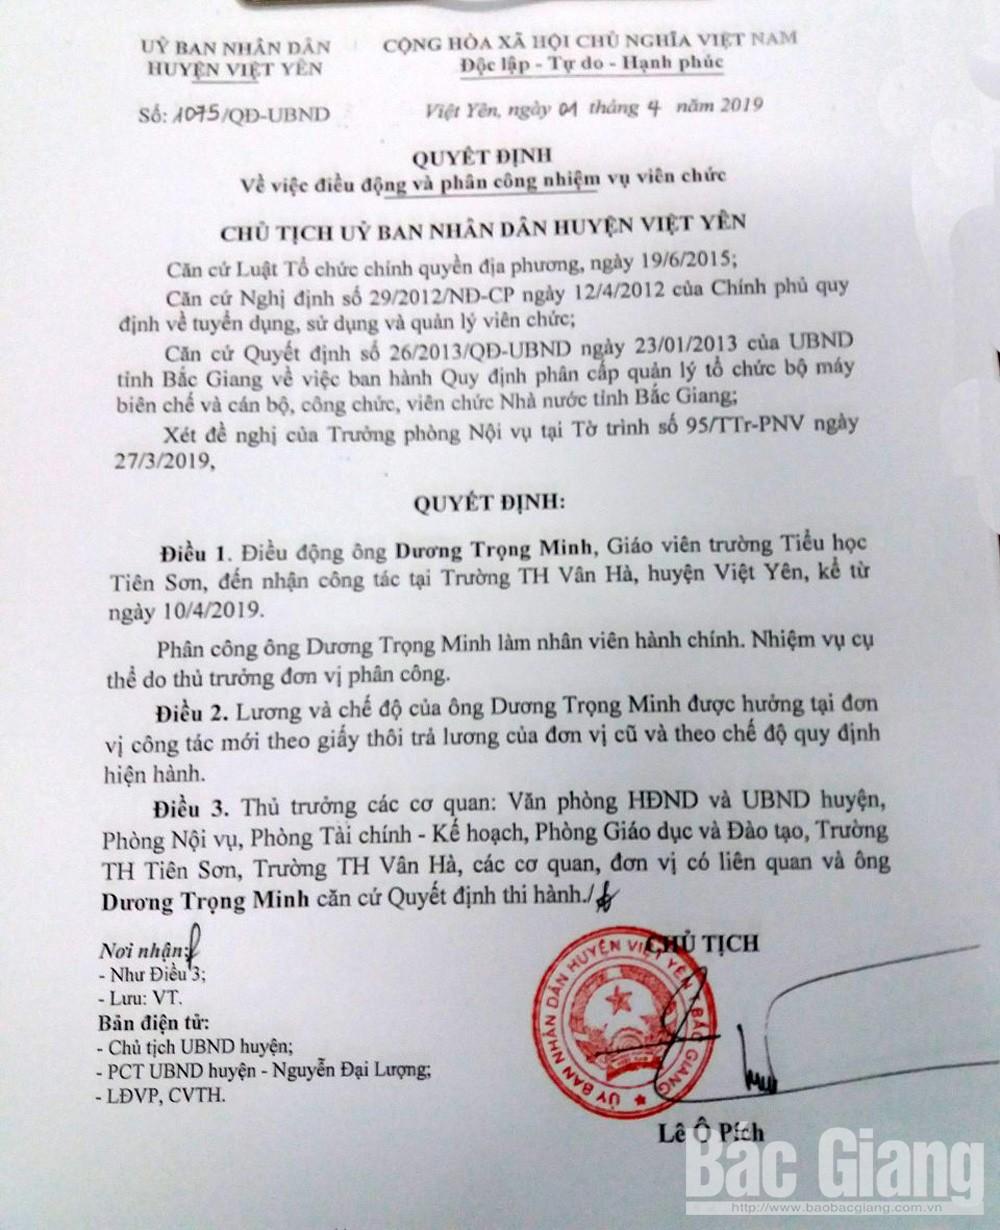 Tiểu học Tiên Sơn, Việt Yên, giáo dục, thầy giáo, xử lý, luân chuyển,